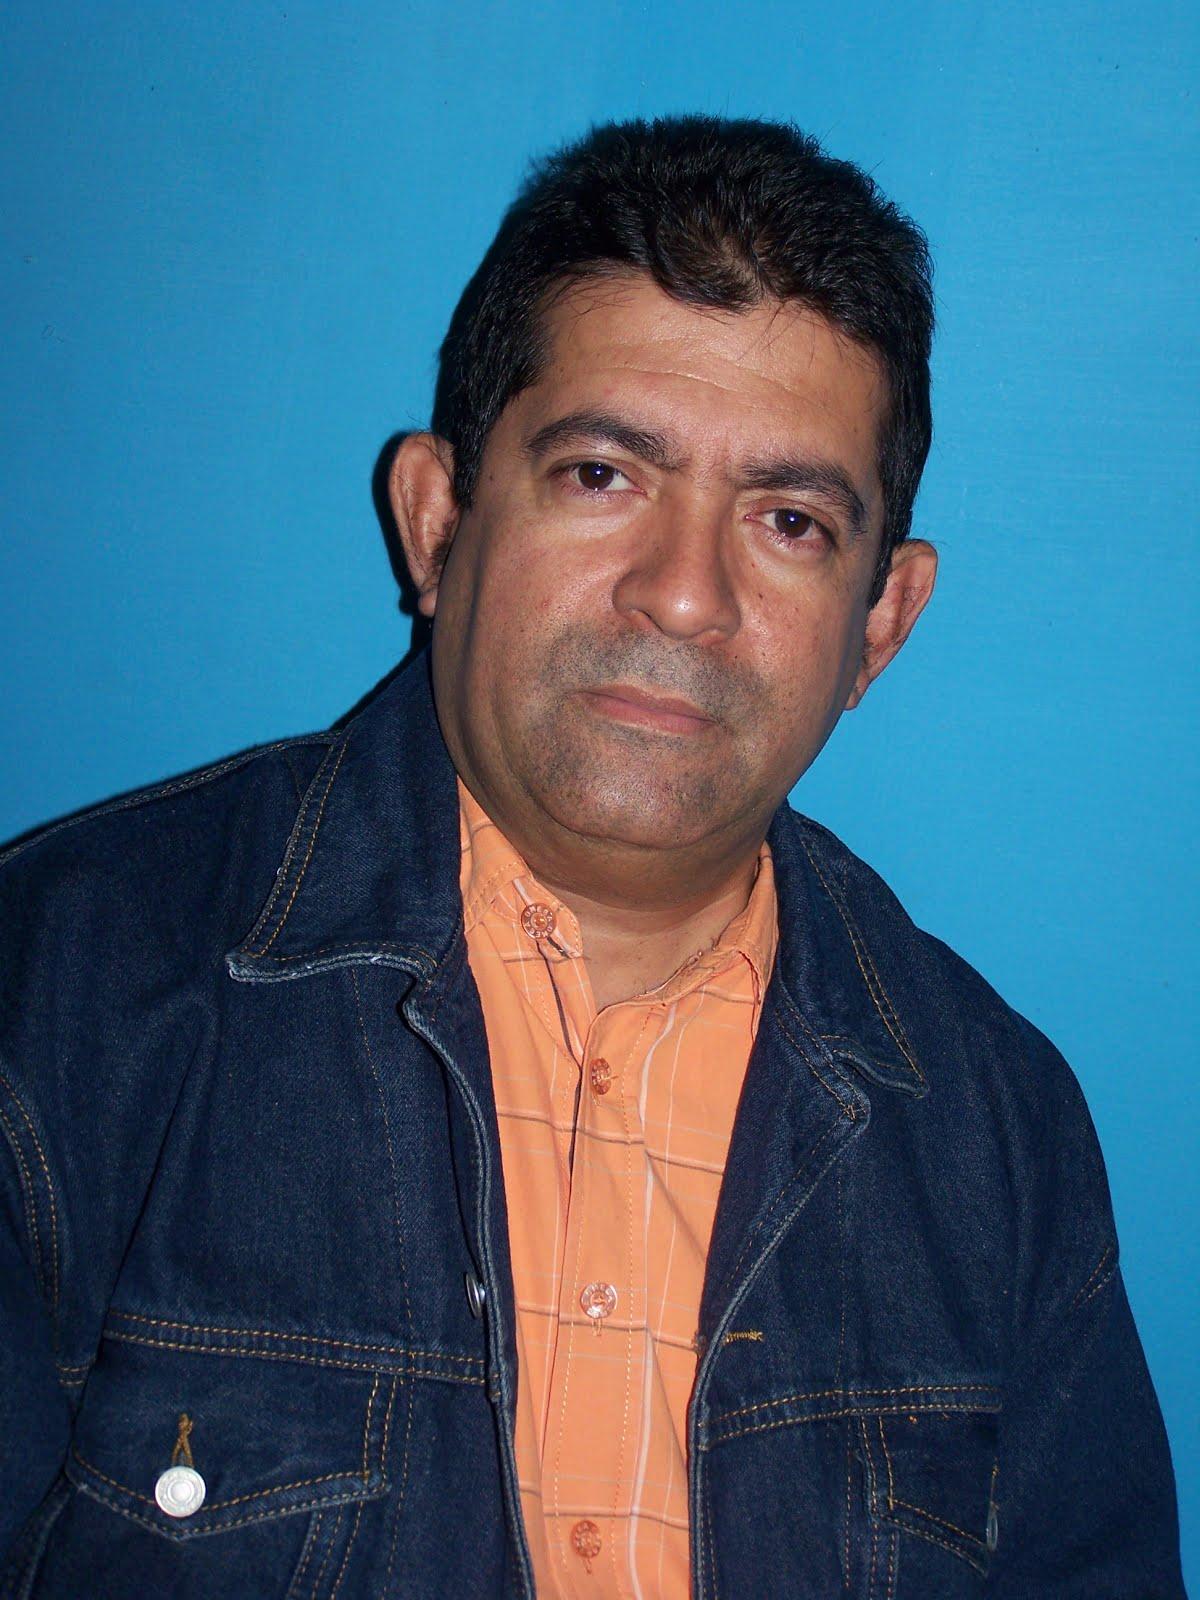 Lic. Eliu J. Cardozo Saez